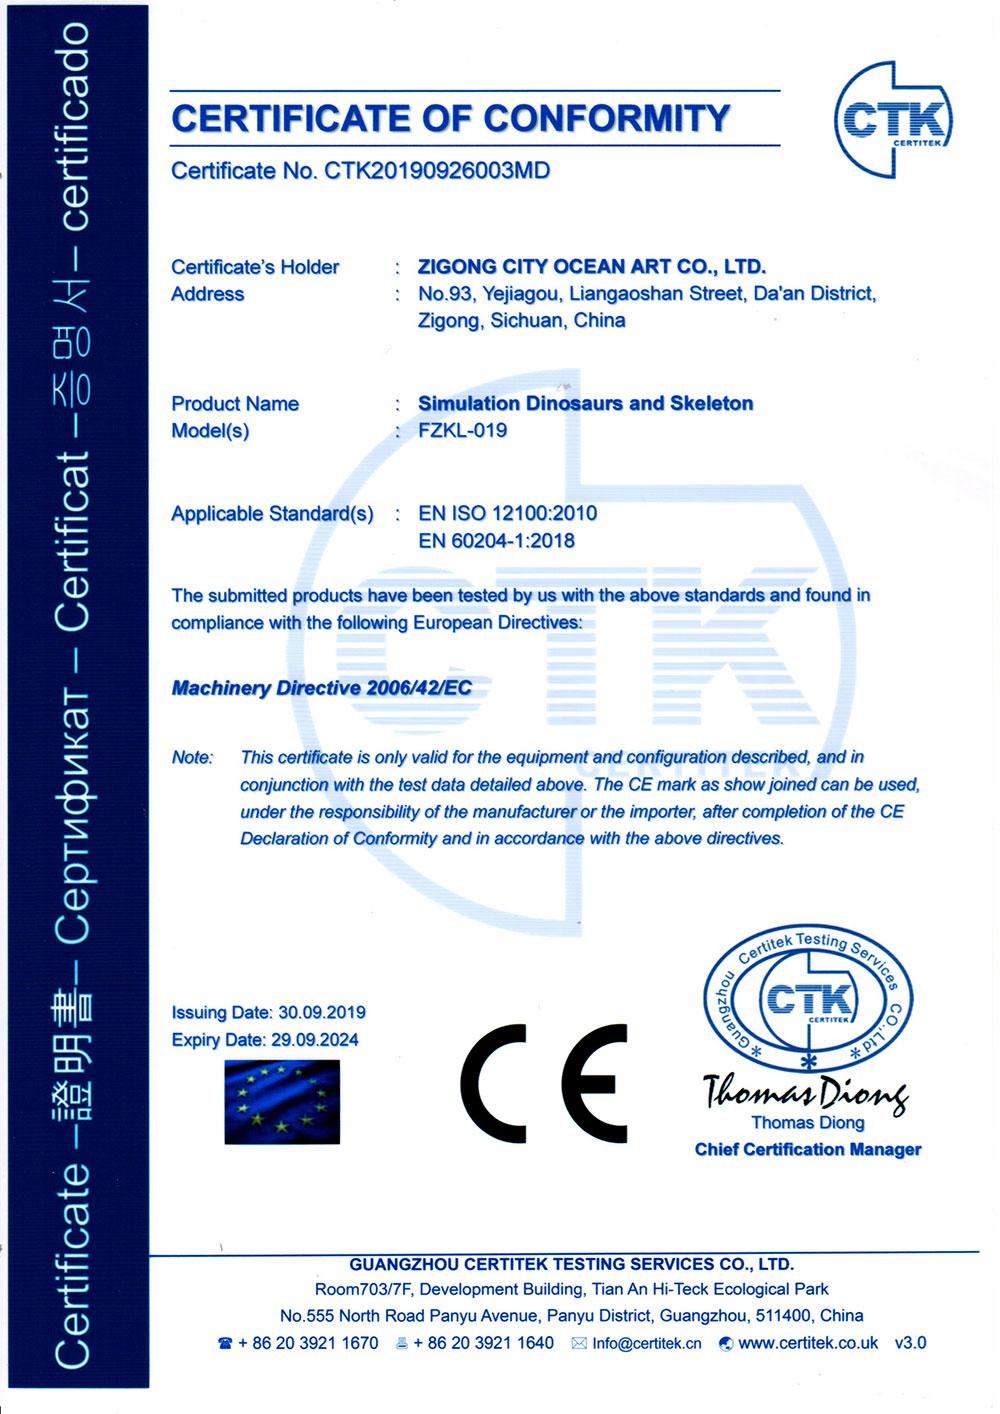 自贡大洋艺术有限责任公司CE认证